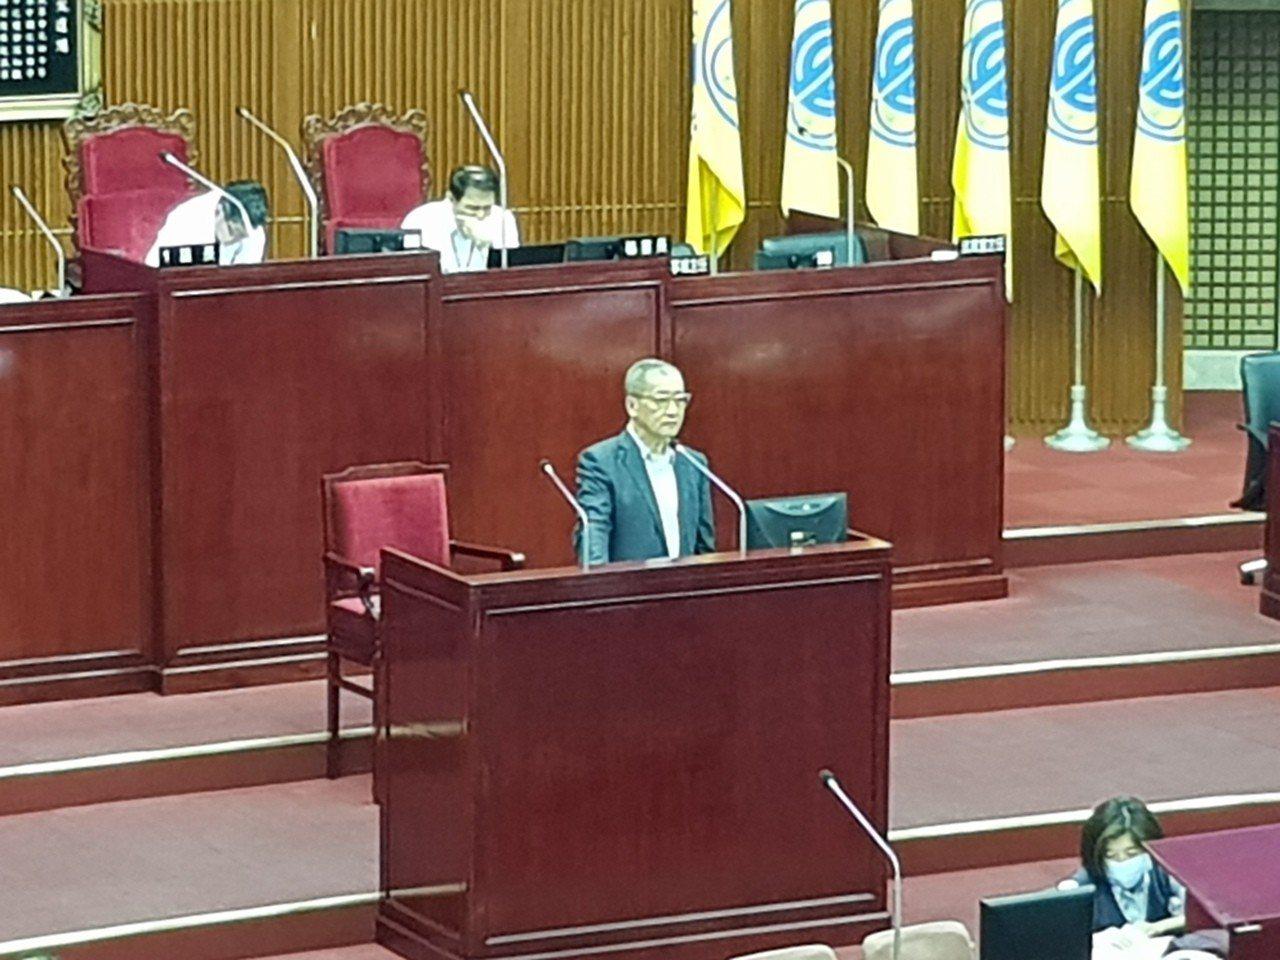 悠遊卡公司董事長林向愷今天於議會答詢,點頭表示公司發展電子支付,未來可能會朝「悠...